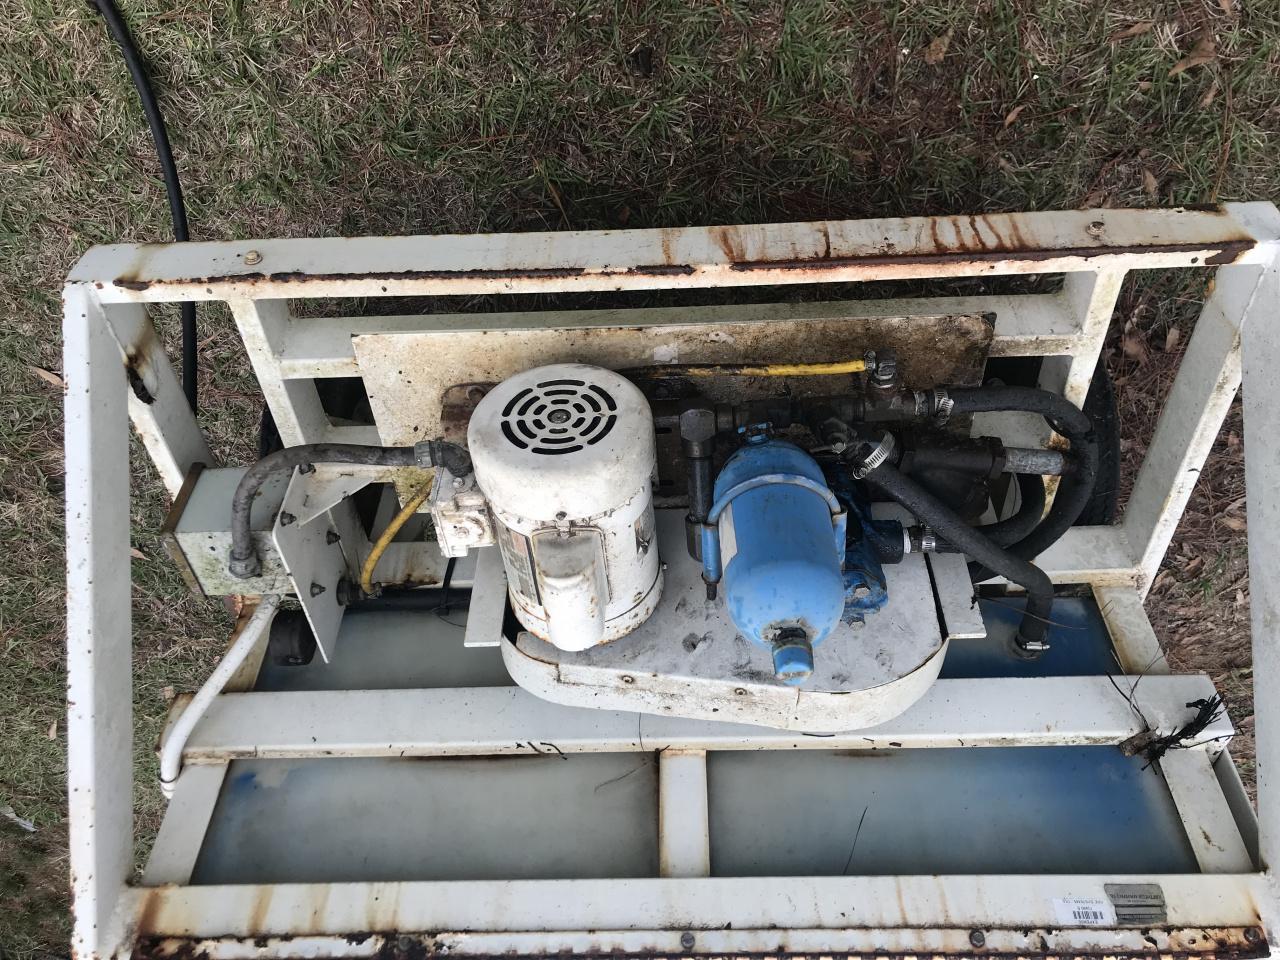 Water pump cart-0fc0c6db-f5e9-48c8-9117-22f7ae9972a5-jpg